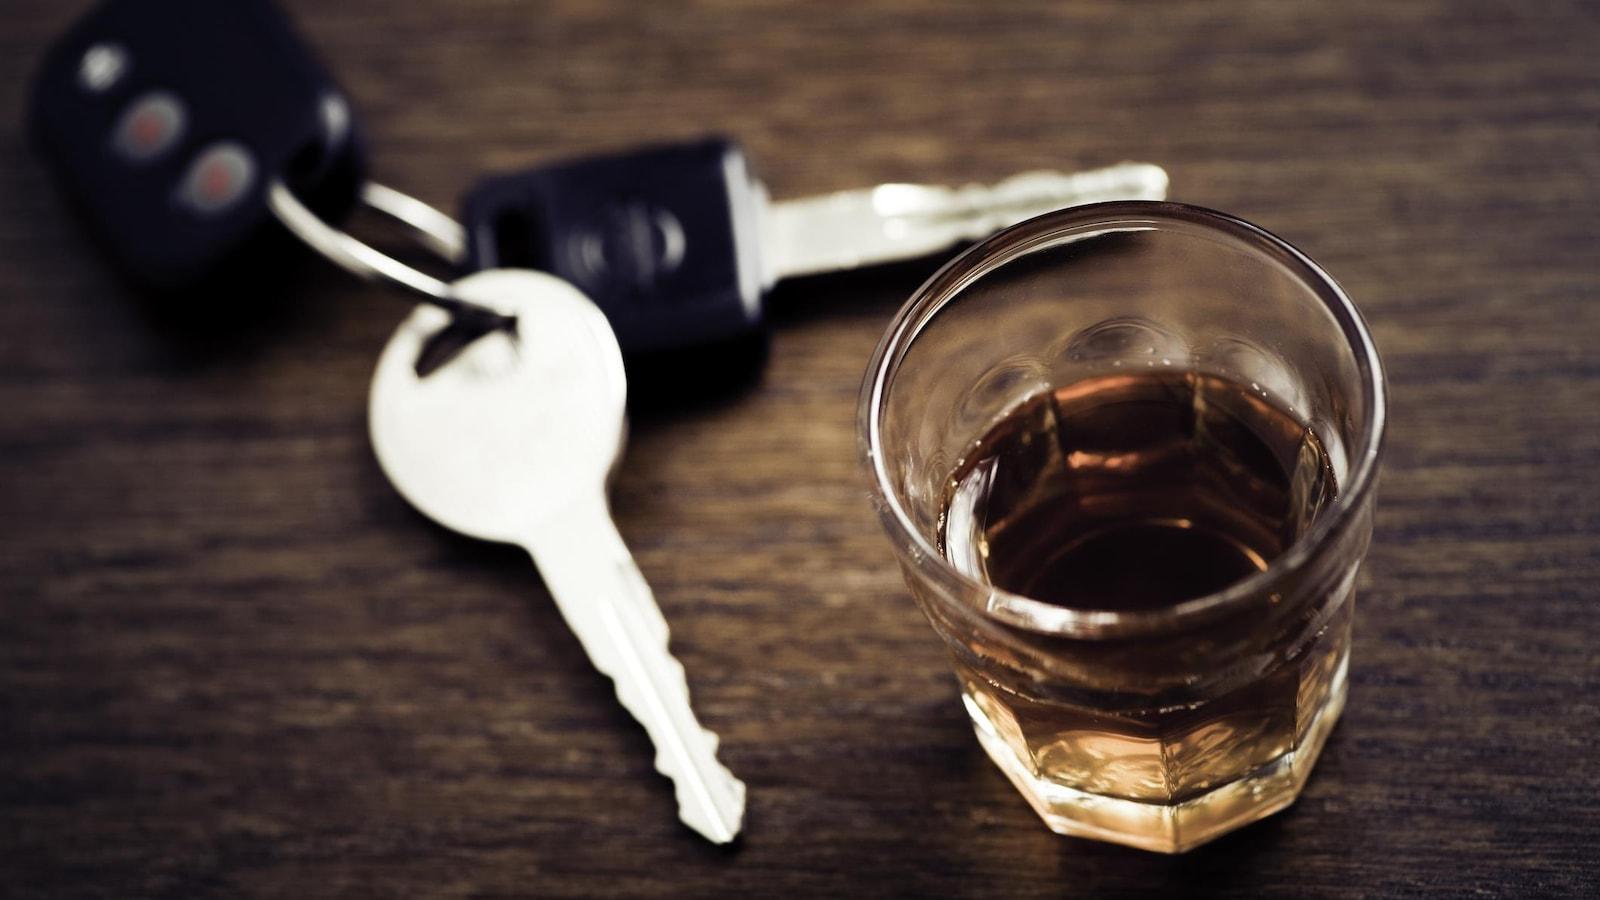 Des clés de voiture et un verre de whisky.